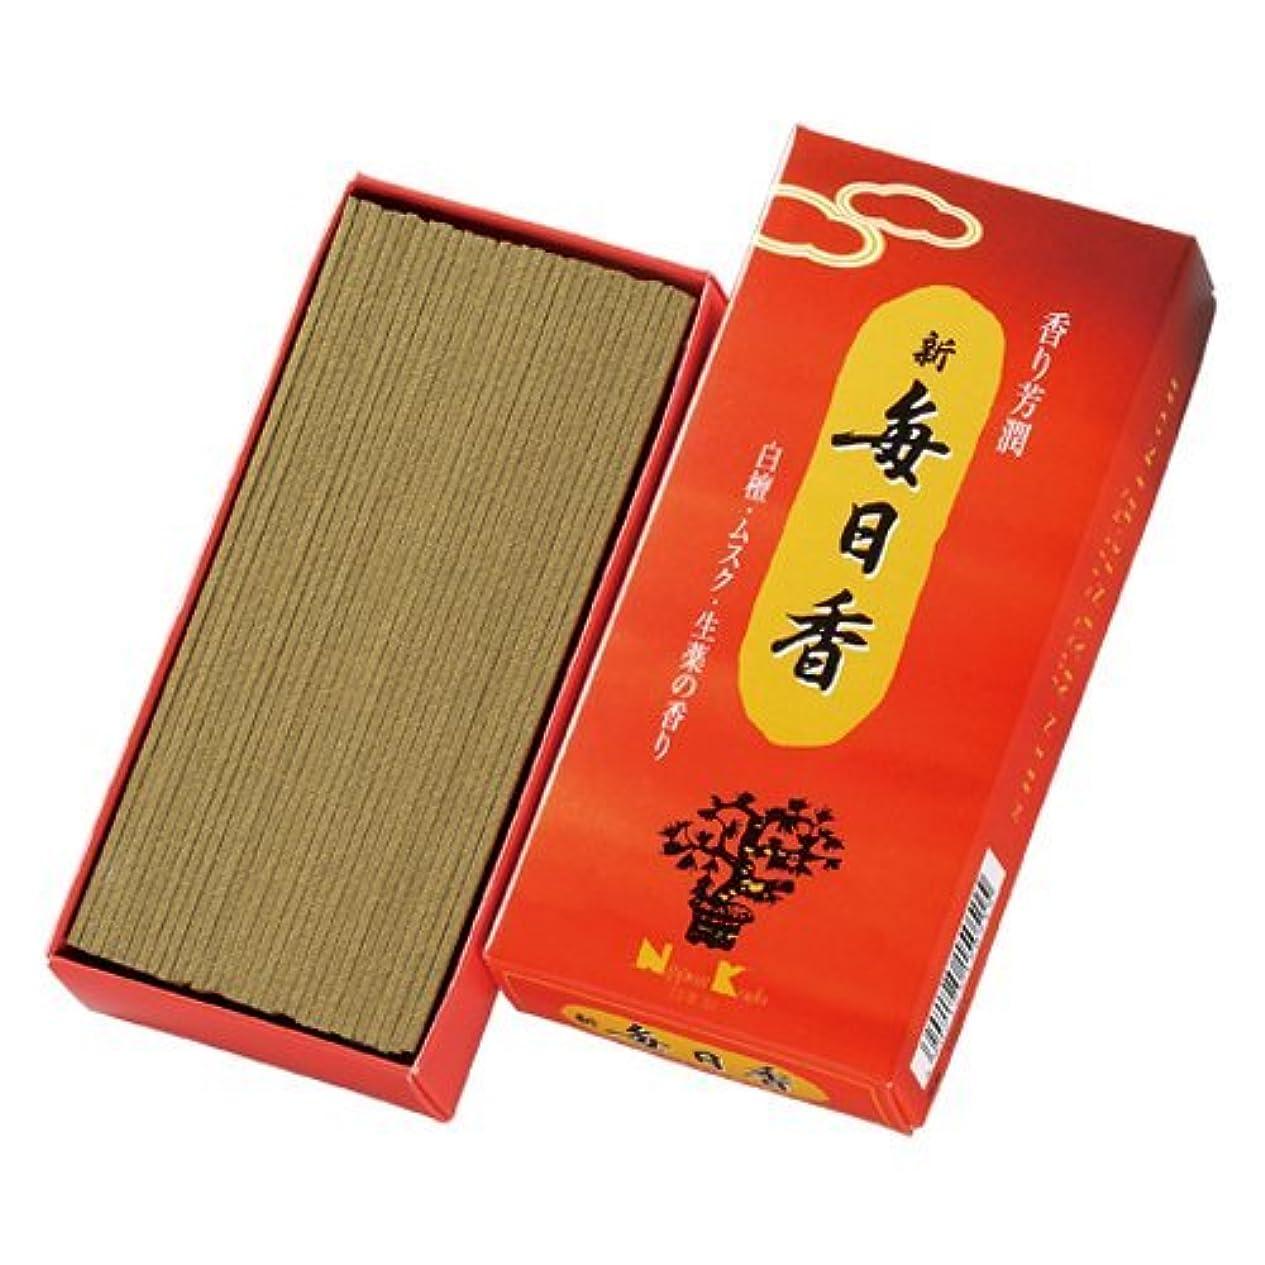 蒸し器メンテナンス小道具香り芳潤 新毎日香 90バラ詰